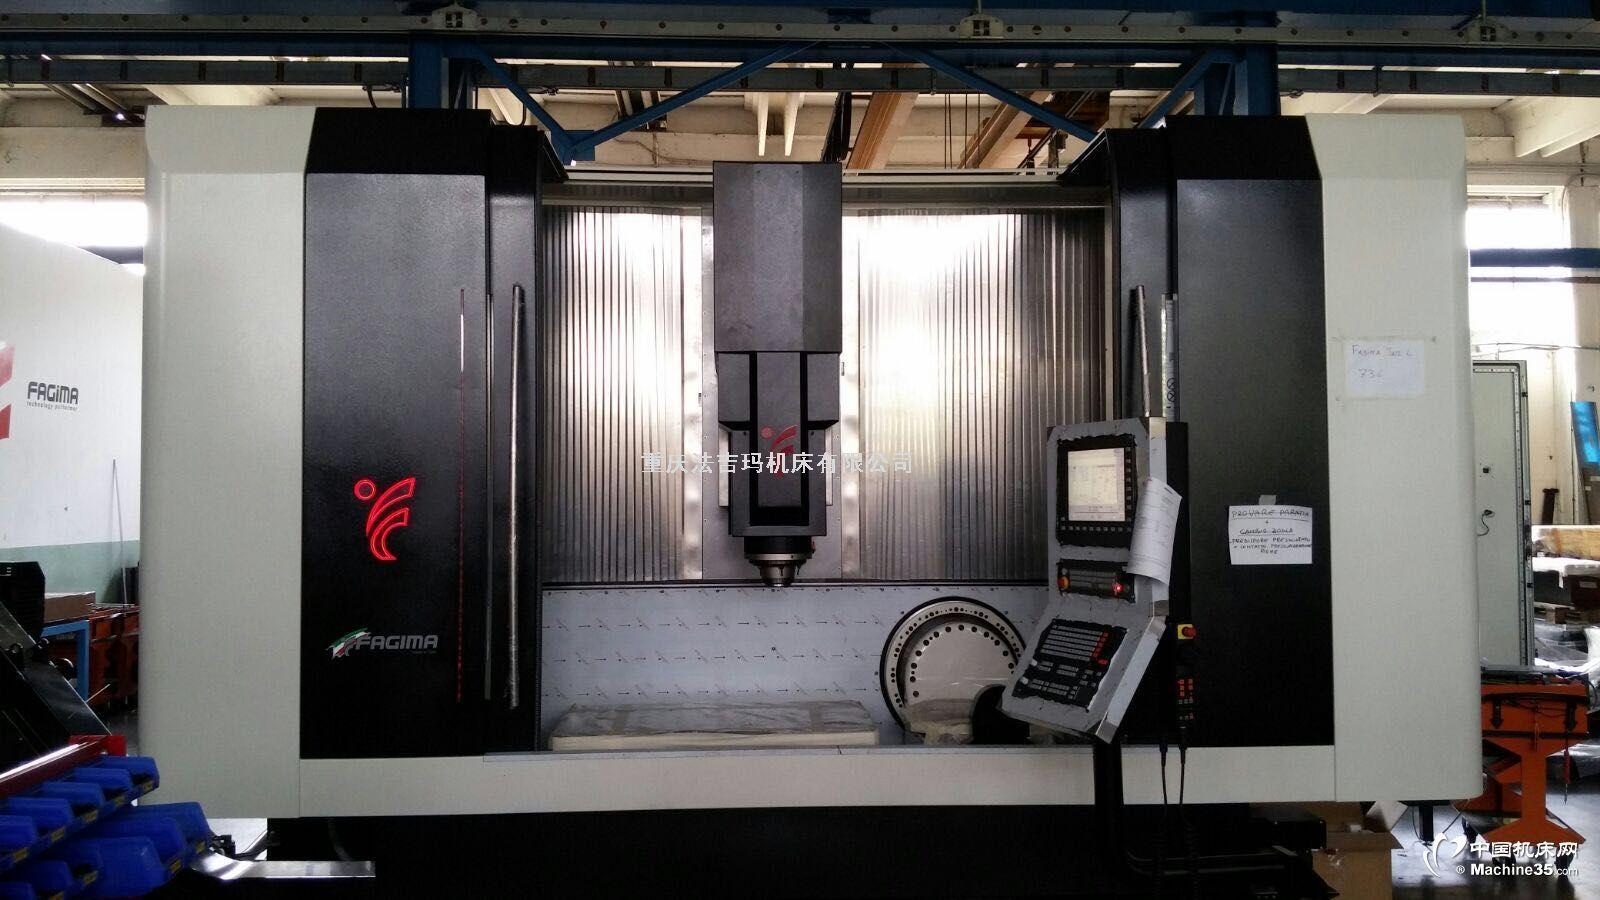 意大利FAGIMA 品牌JAZZ R經濟型五軸數控加工中心